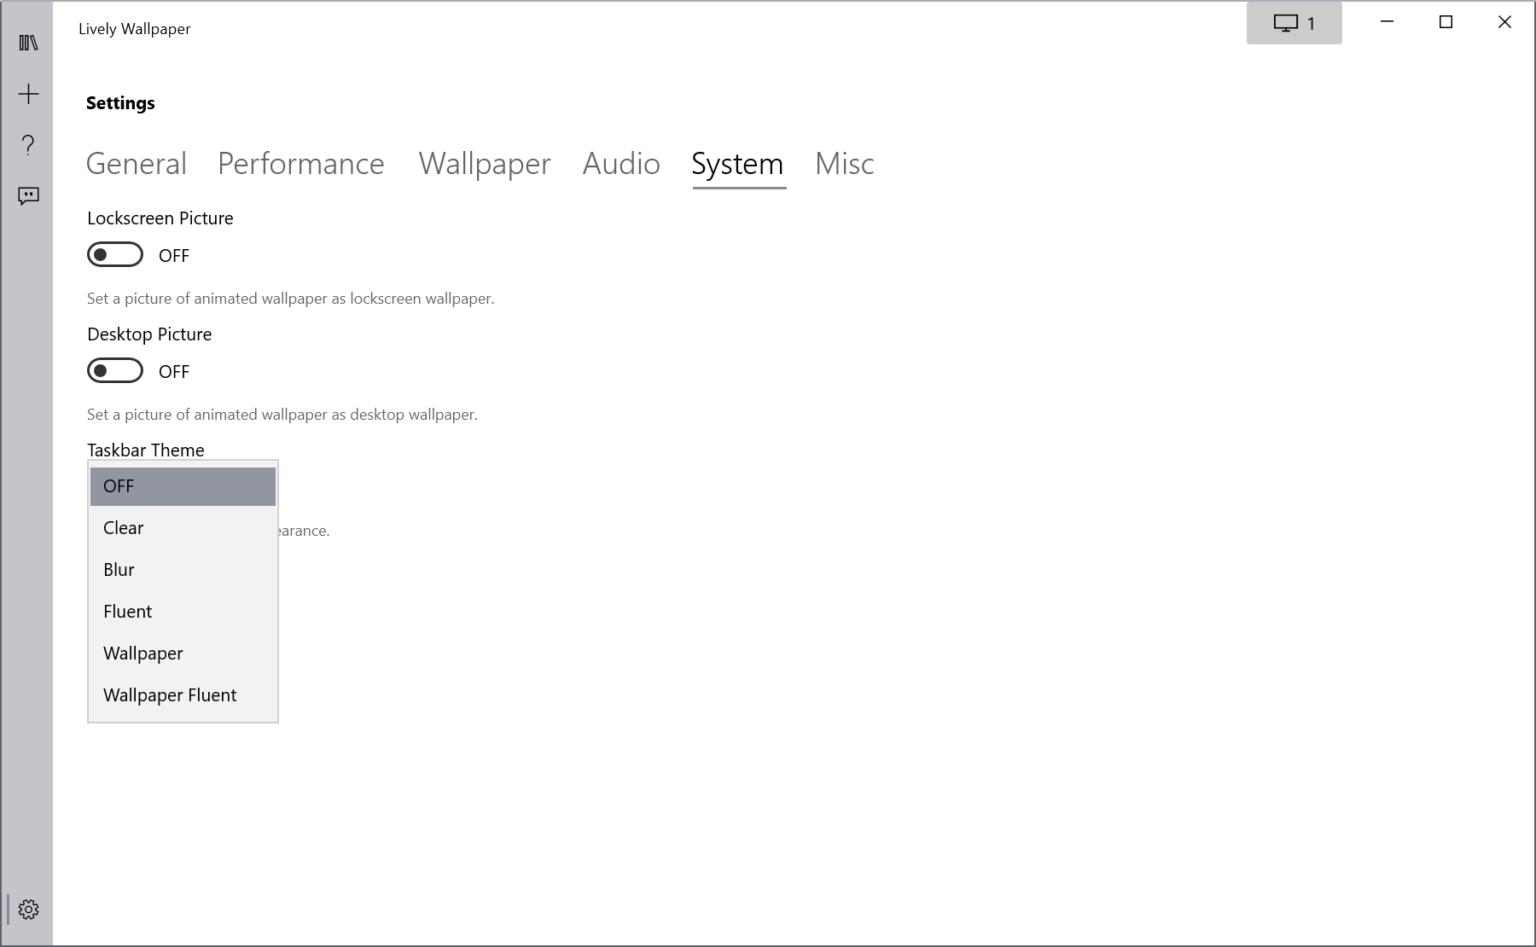 Lively Wallpaper: trang điểm ảnh nền và thanh tác vụ